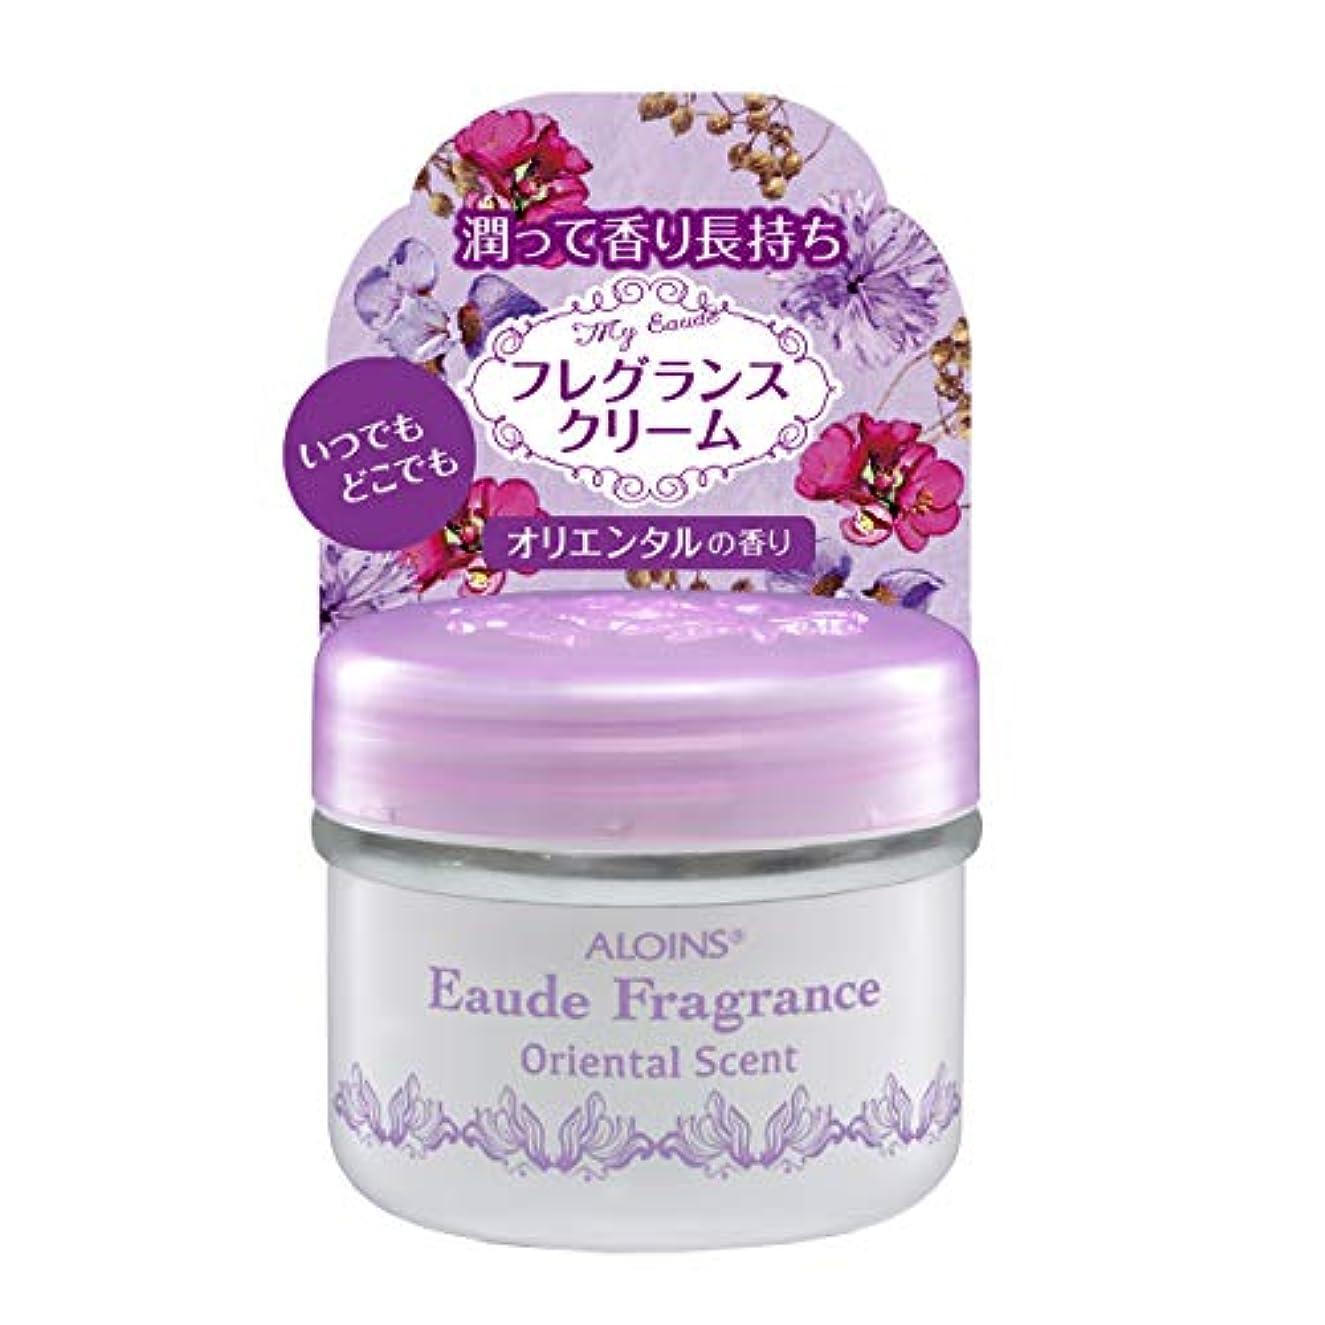 プラスチック優越彼アロインス オーデフレグランス オリエンタルの香り 35g